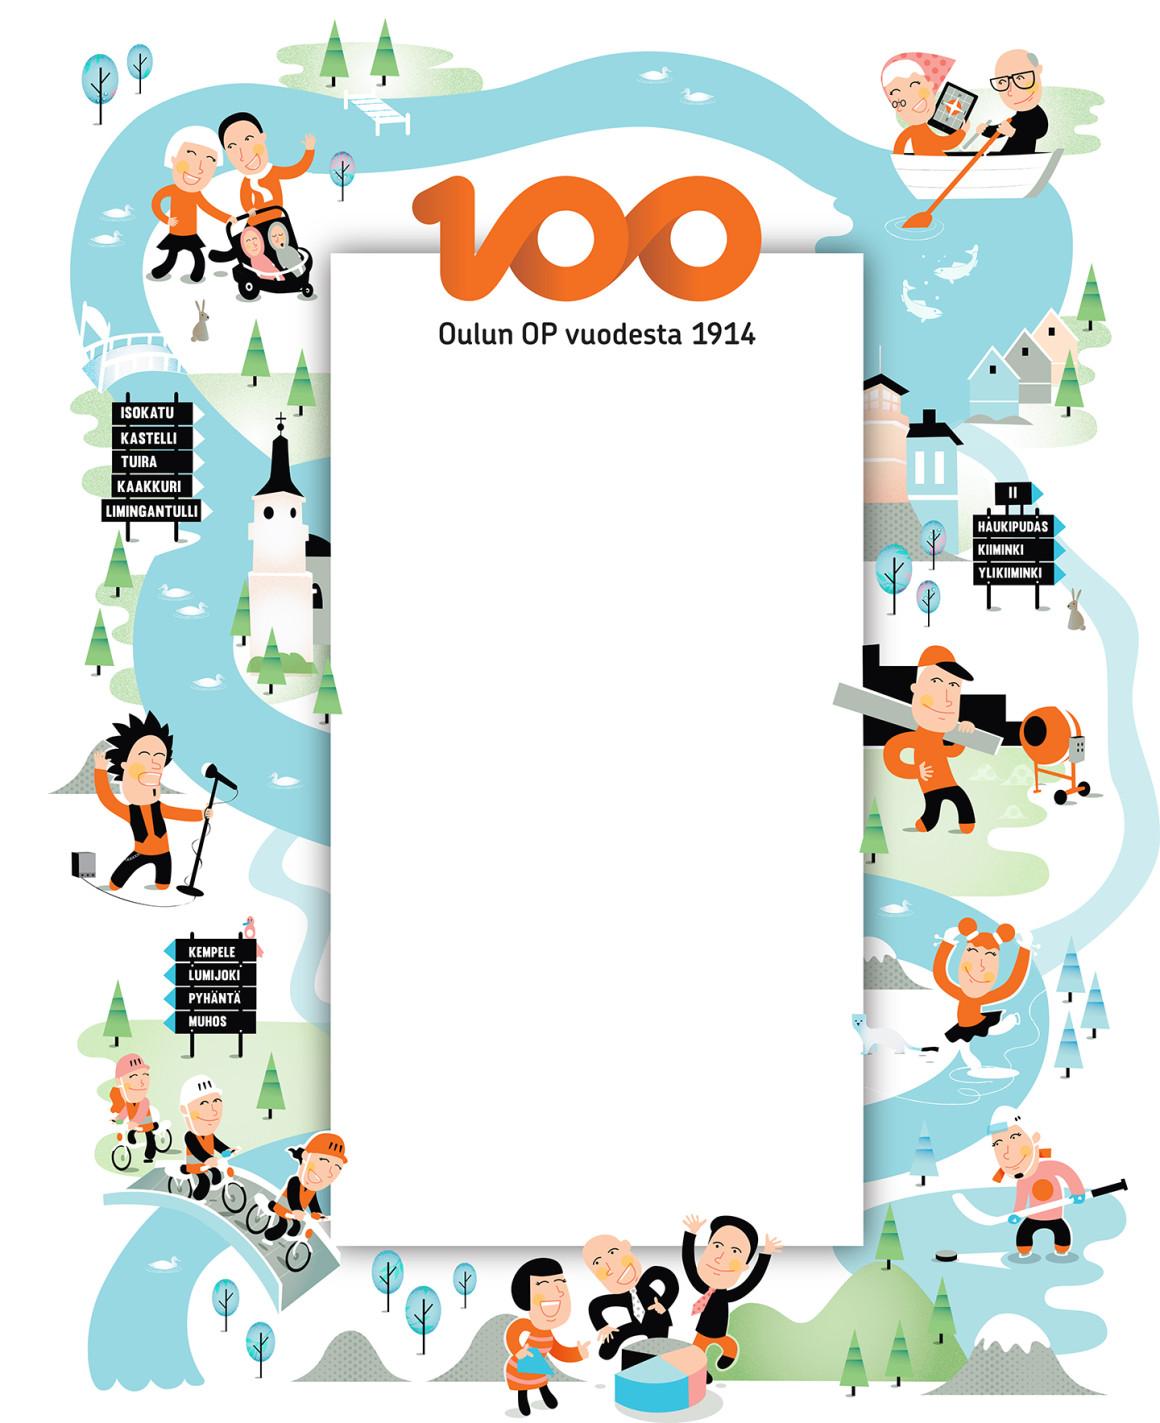 Osuuspankki 100 vuotta